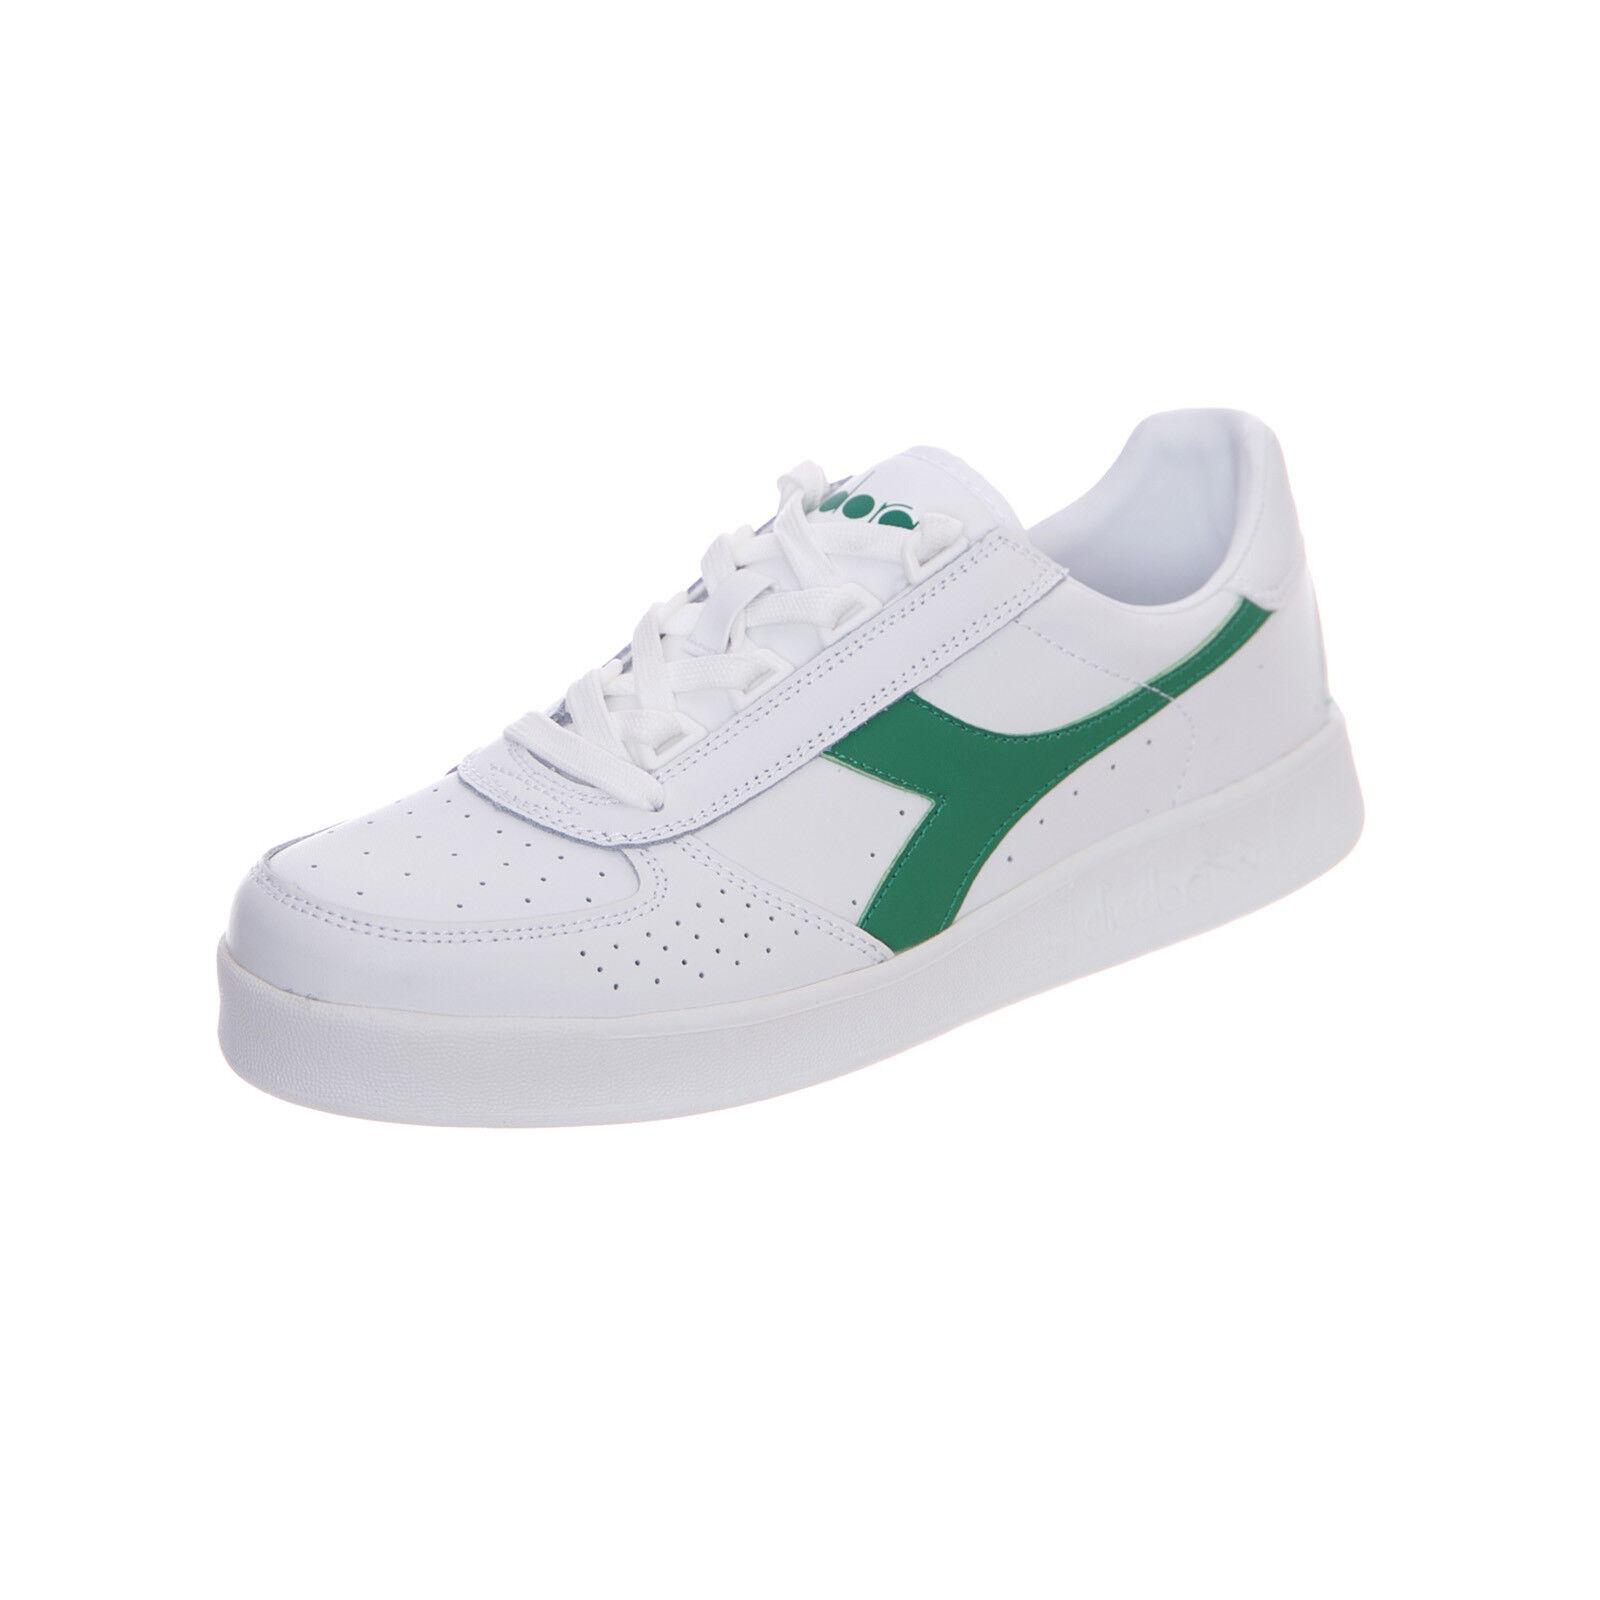 Diadora zapatillas Elite blanco Jelly Bean Bianco